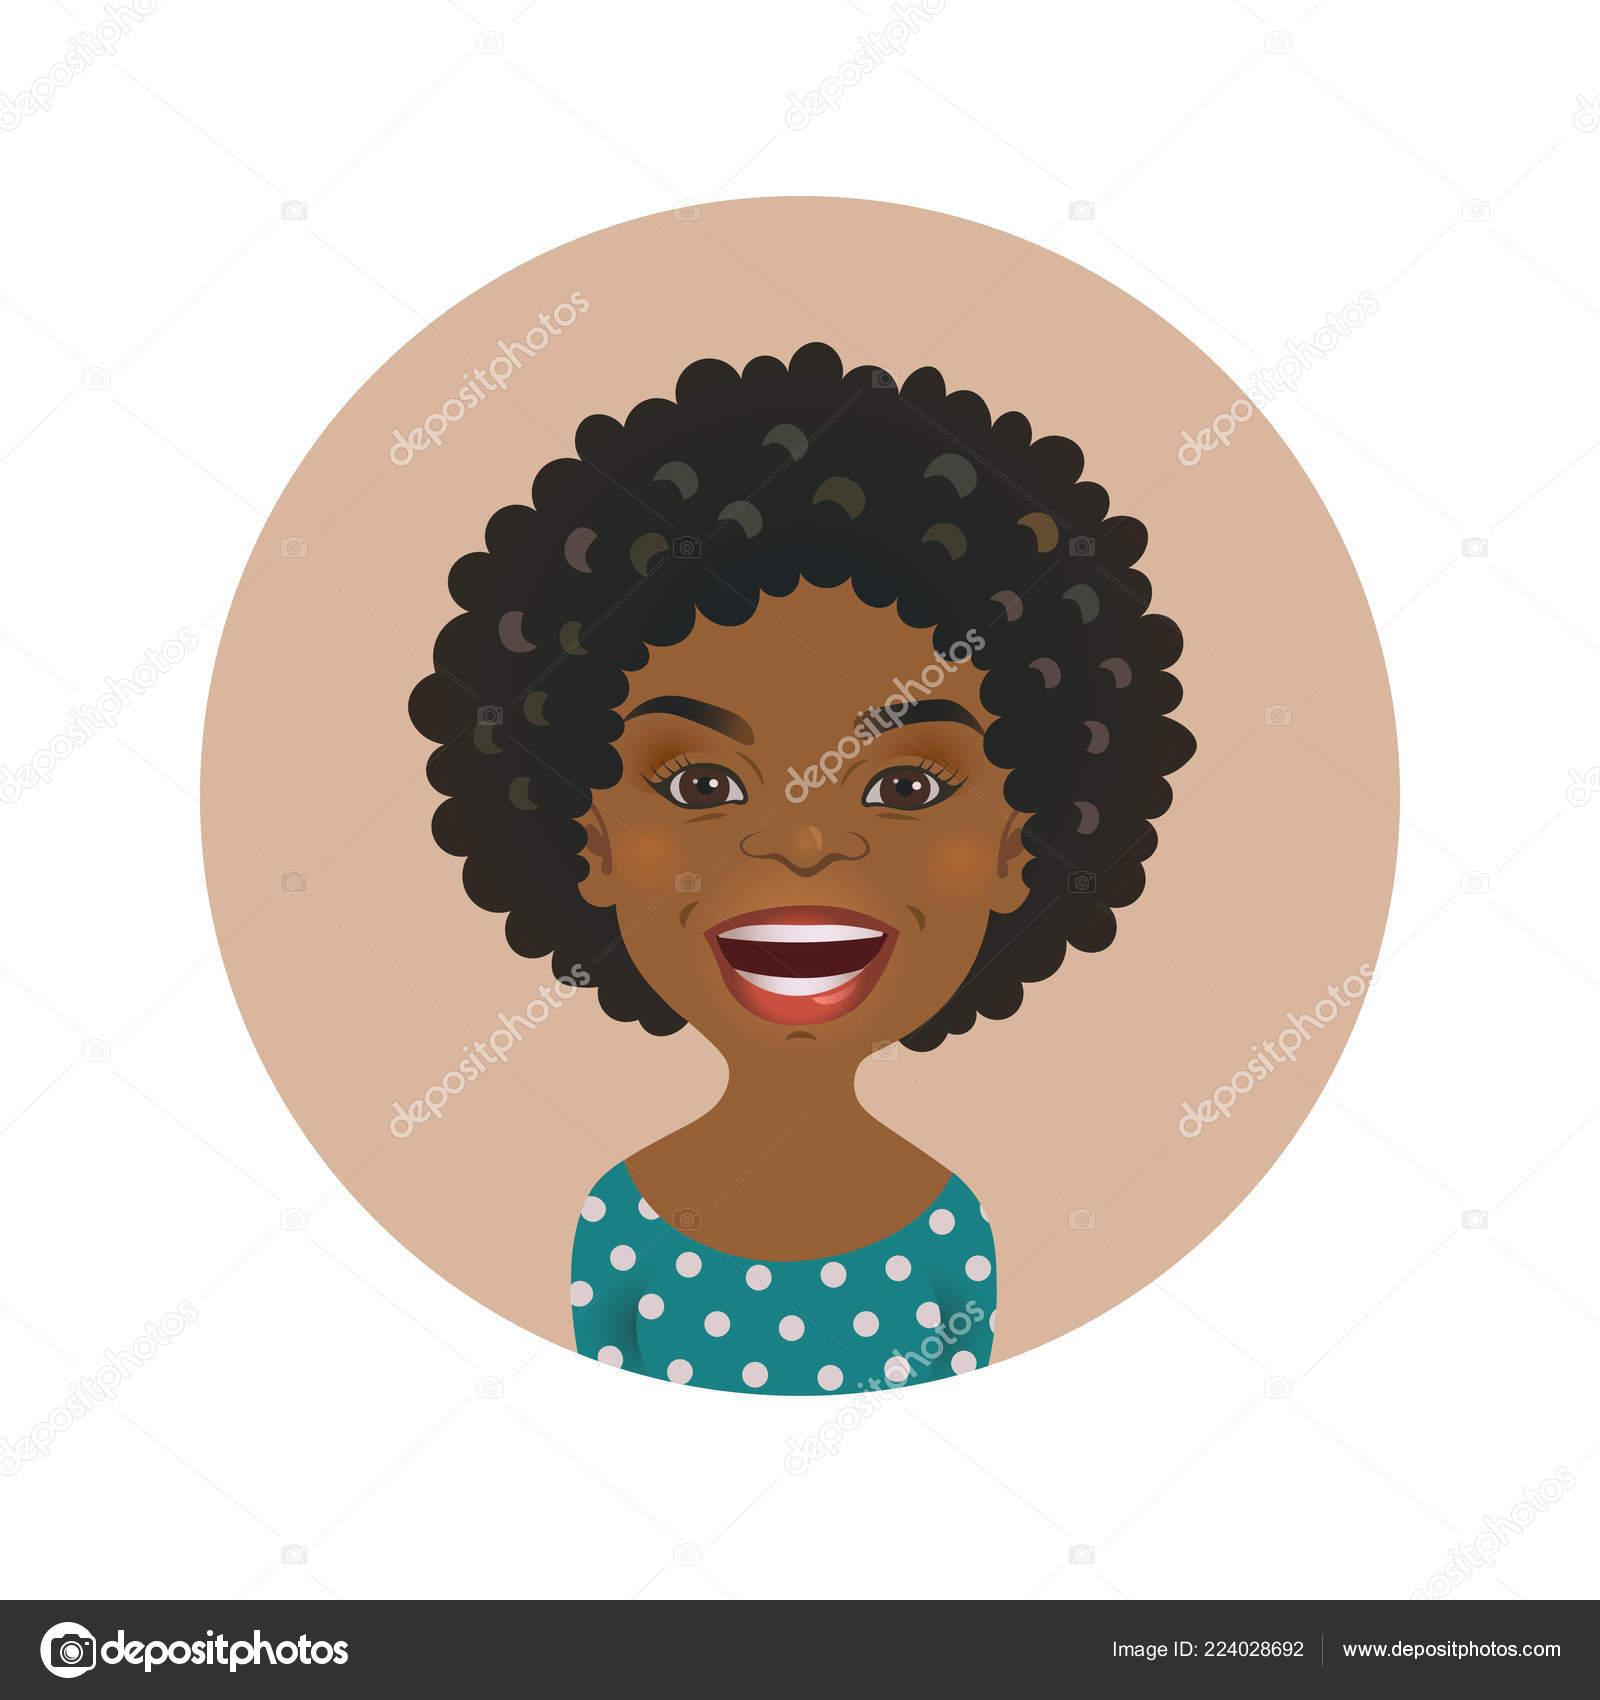 85705c564 Avatar de garota africana sorridente. Pessoa alegre de pele negra. Pele  escura rosto sorridente do modelo dos desenhos animados isolado de  ilustração ...